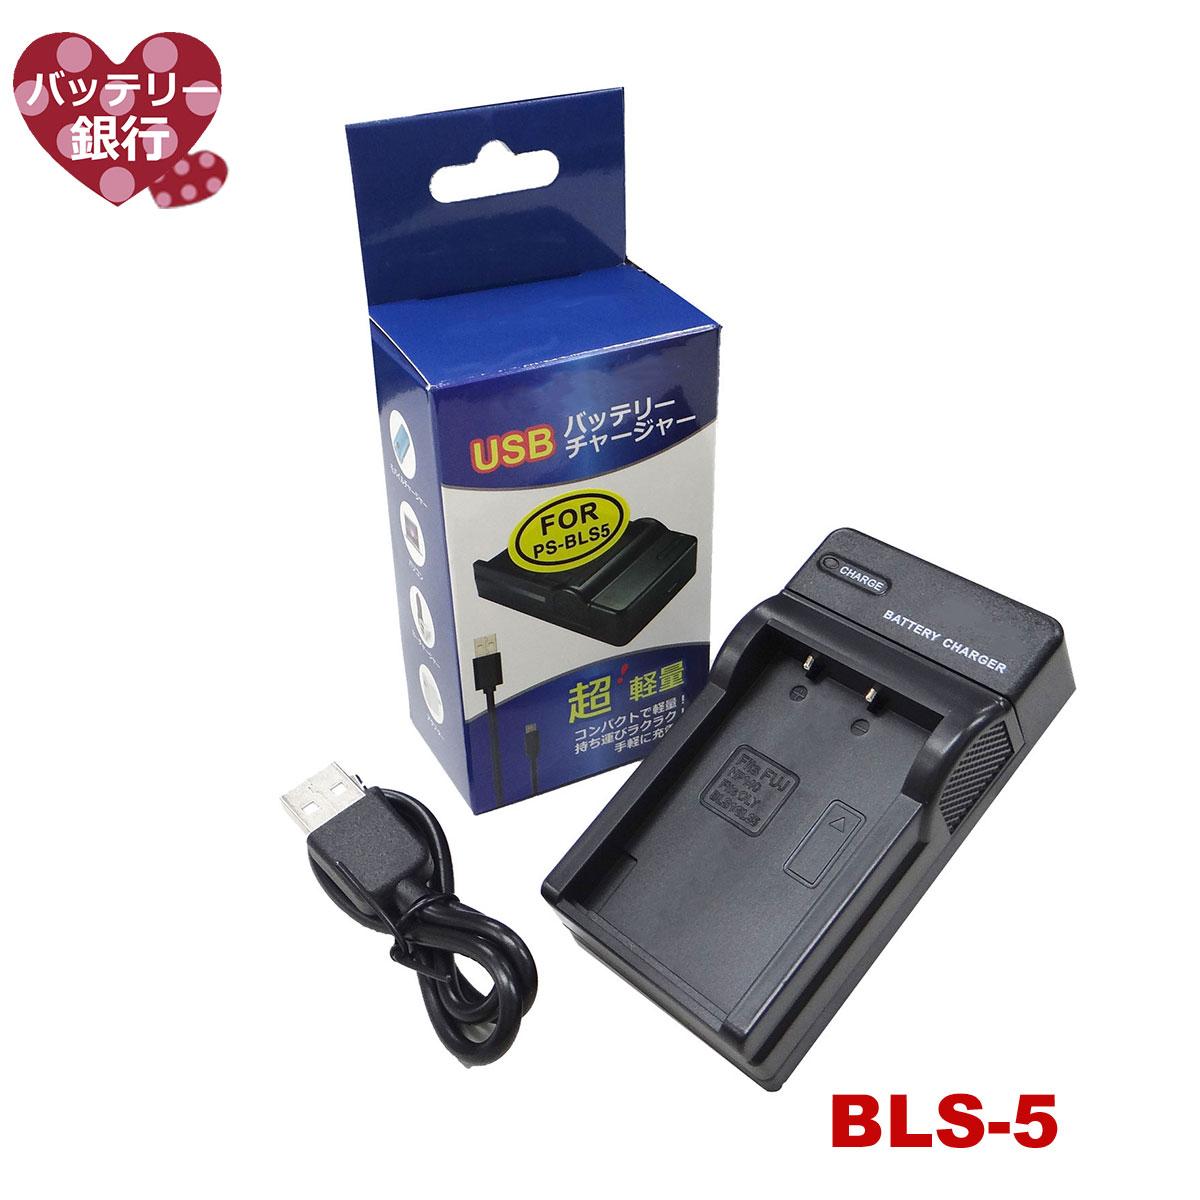 オリンパス BLS-1/BLS-5 バッテリー対応急速互換USB充電器チャージャーBCS-1 BCS-5 「純正互換共に対応」 E-410/ E-400/ E-420/ E-620/ E-PL1/ E-P1/ E-P2/E-P3/ E-PL3/ E-PM1/ E-PL1s/ E-PL2/ E-PL5/ E-PM2/ E-PL6 カメラバッテリーチャージャー